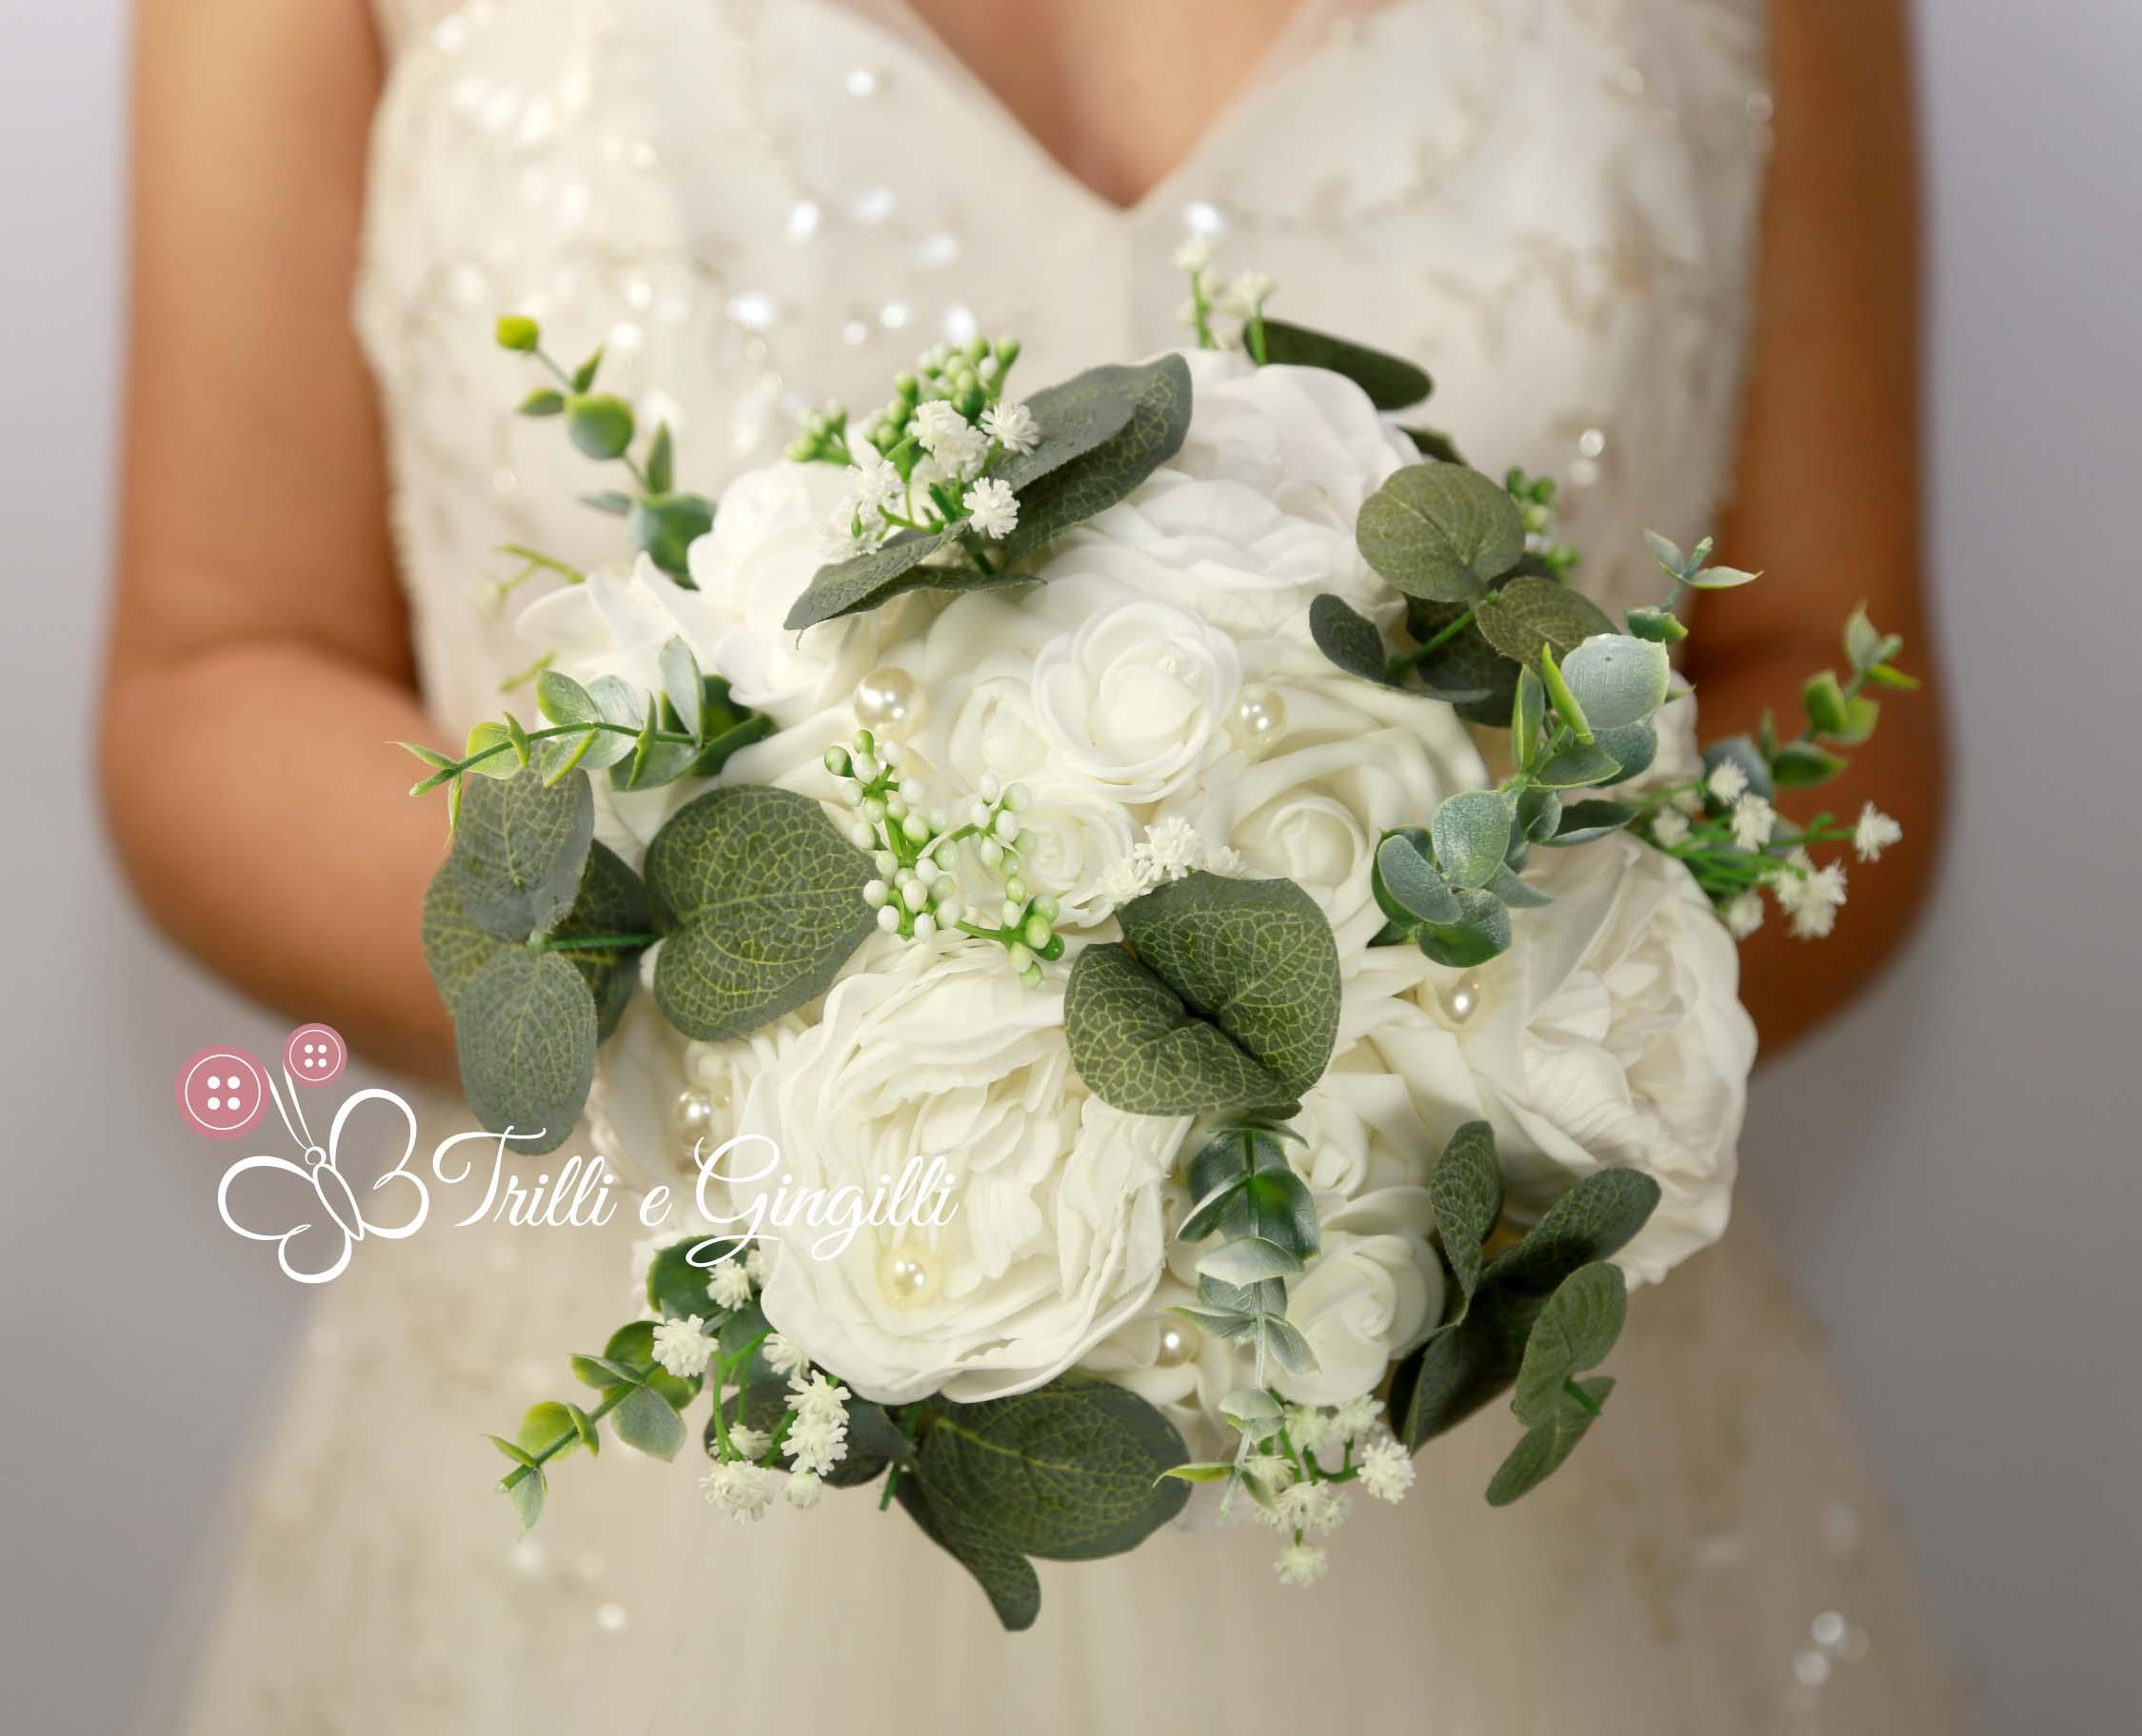 Foto Bouquet Sposa.Bouquet Sposa Bianco E Verde Un Classico Tornato Di Moda